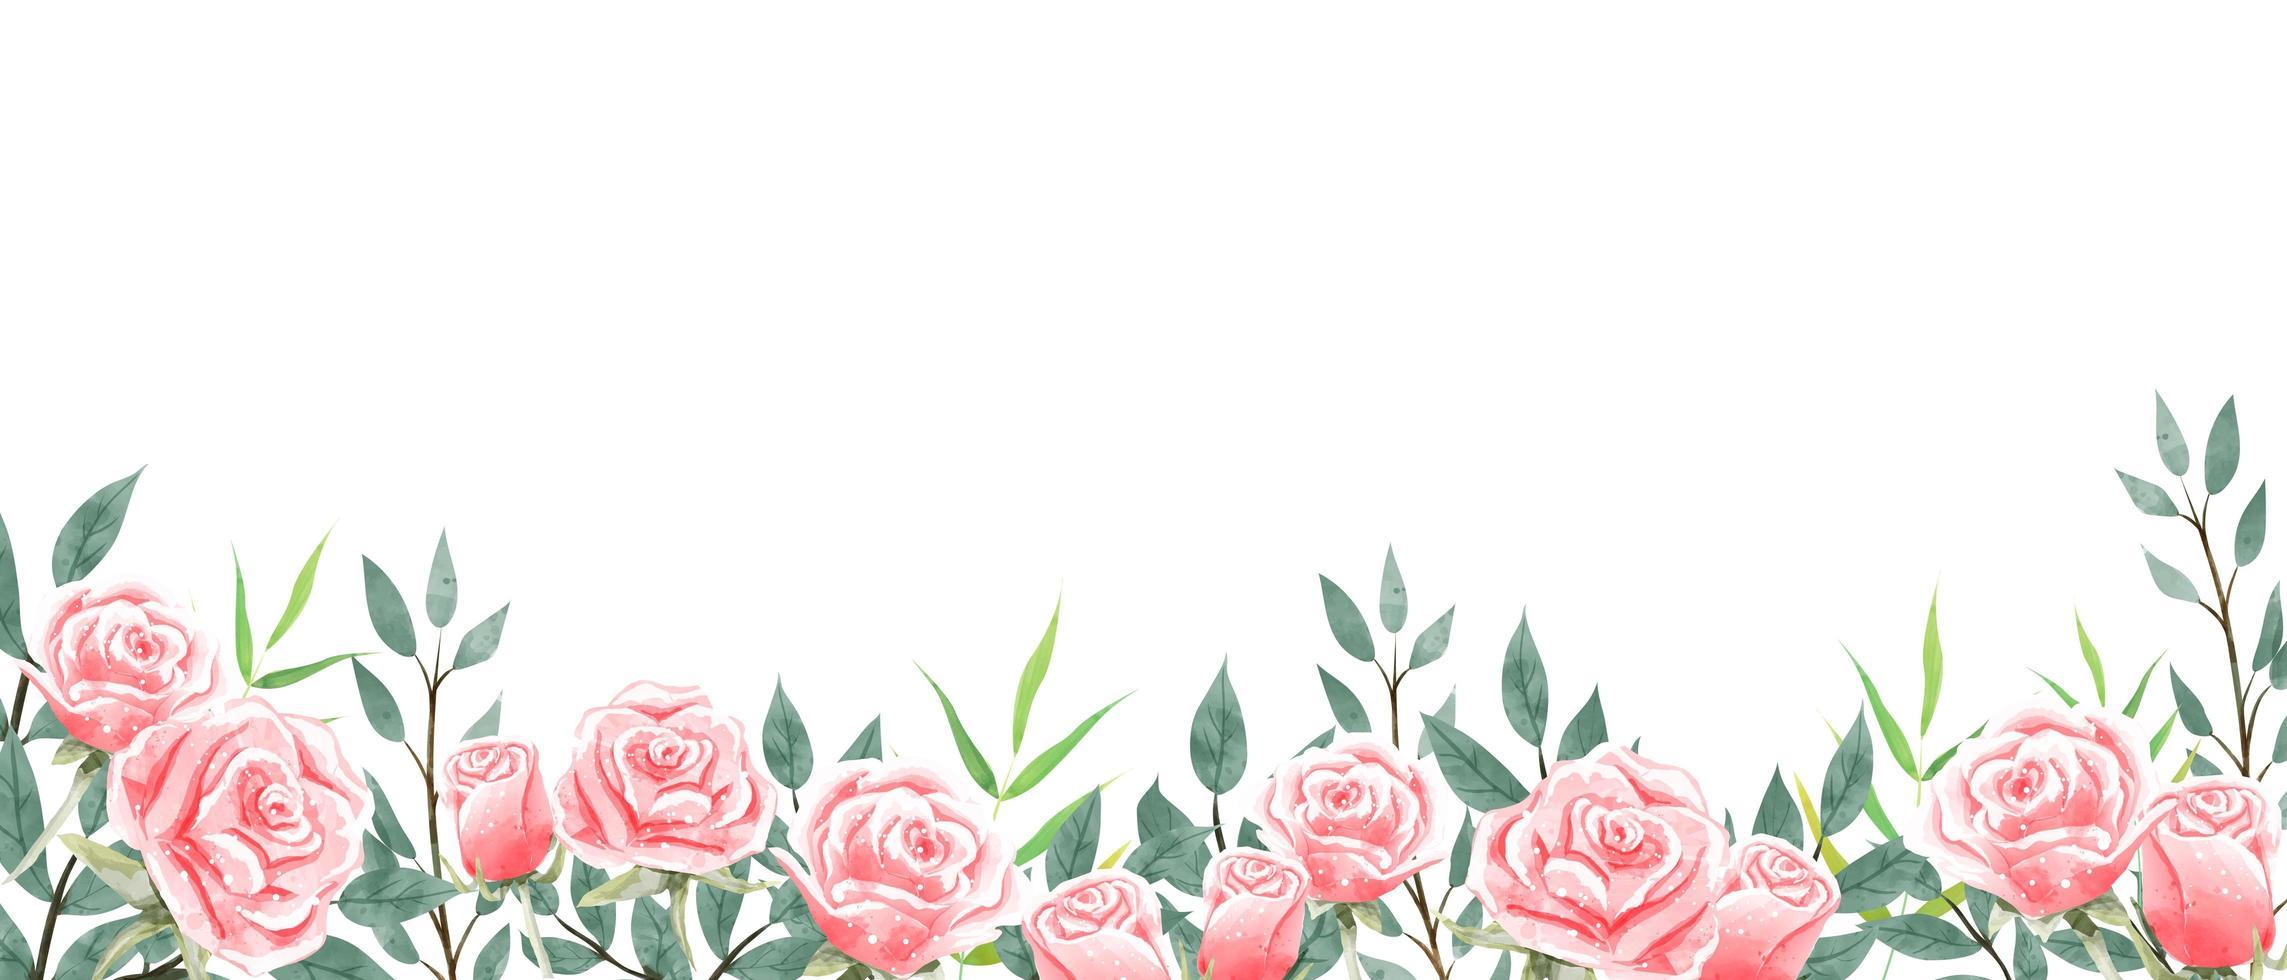 Het behang van de rozentuin op witte achtergrond. vector